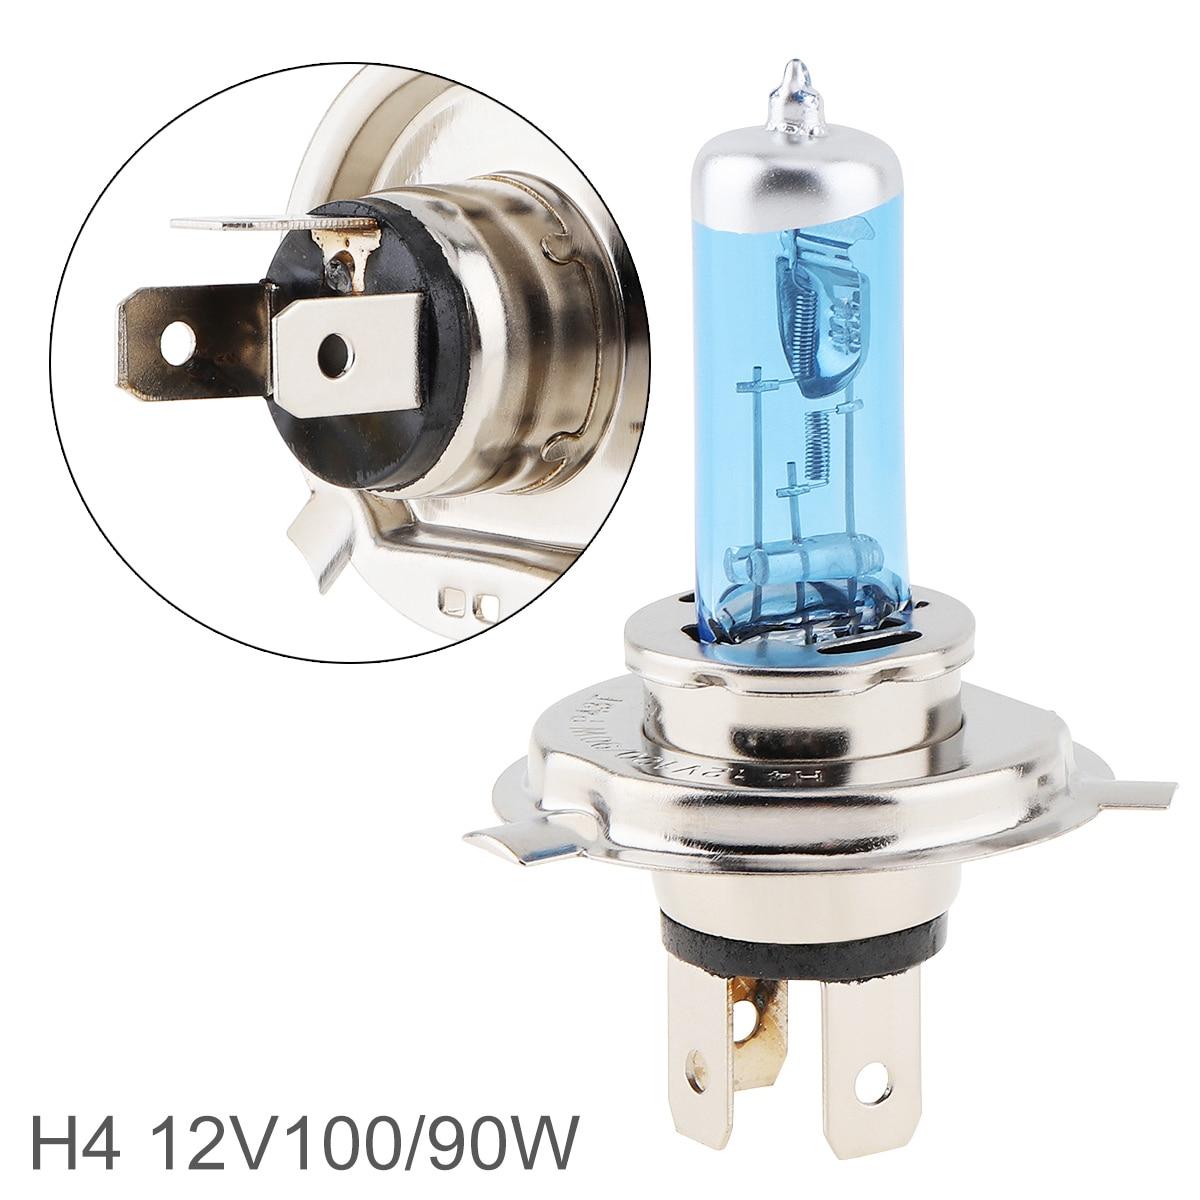 Универсальный 12 В H4 5000K белый свет Автомобильная галогенная лампа 90/100 Вт Супер яркая Автомобильная передняя фара противотуманная фара подх...